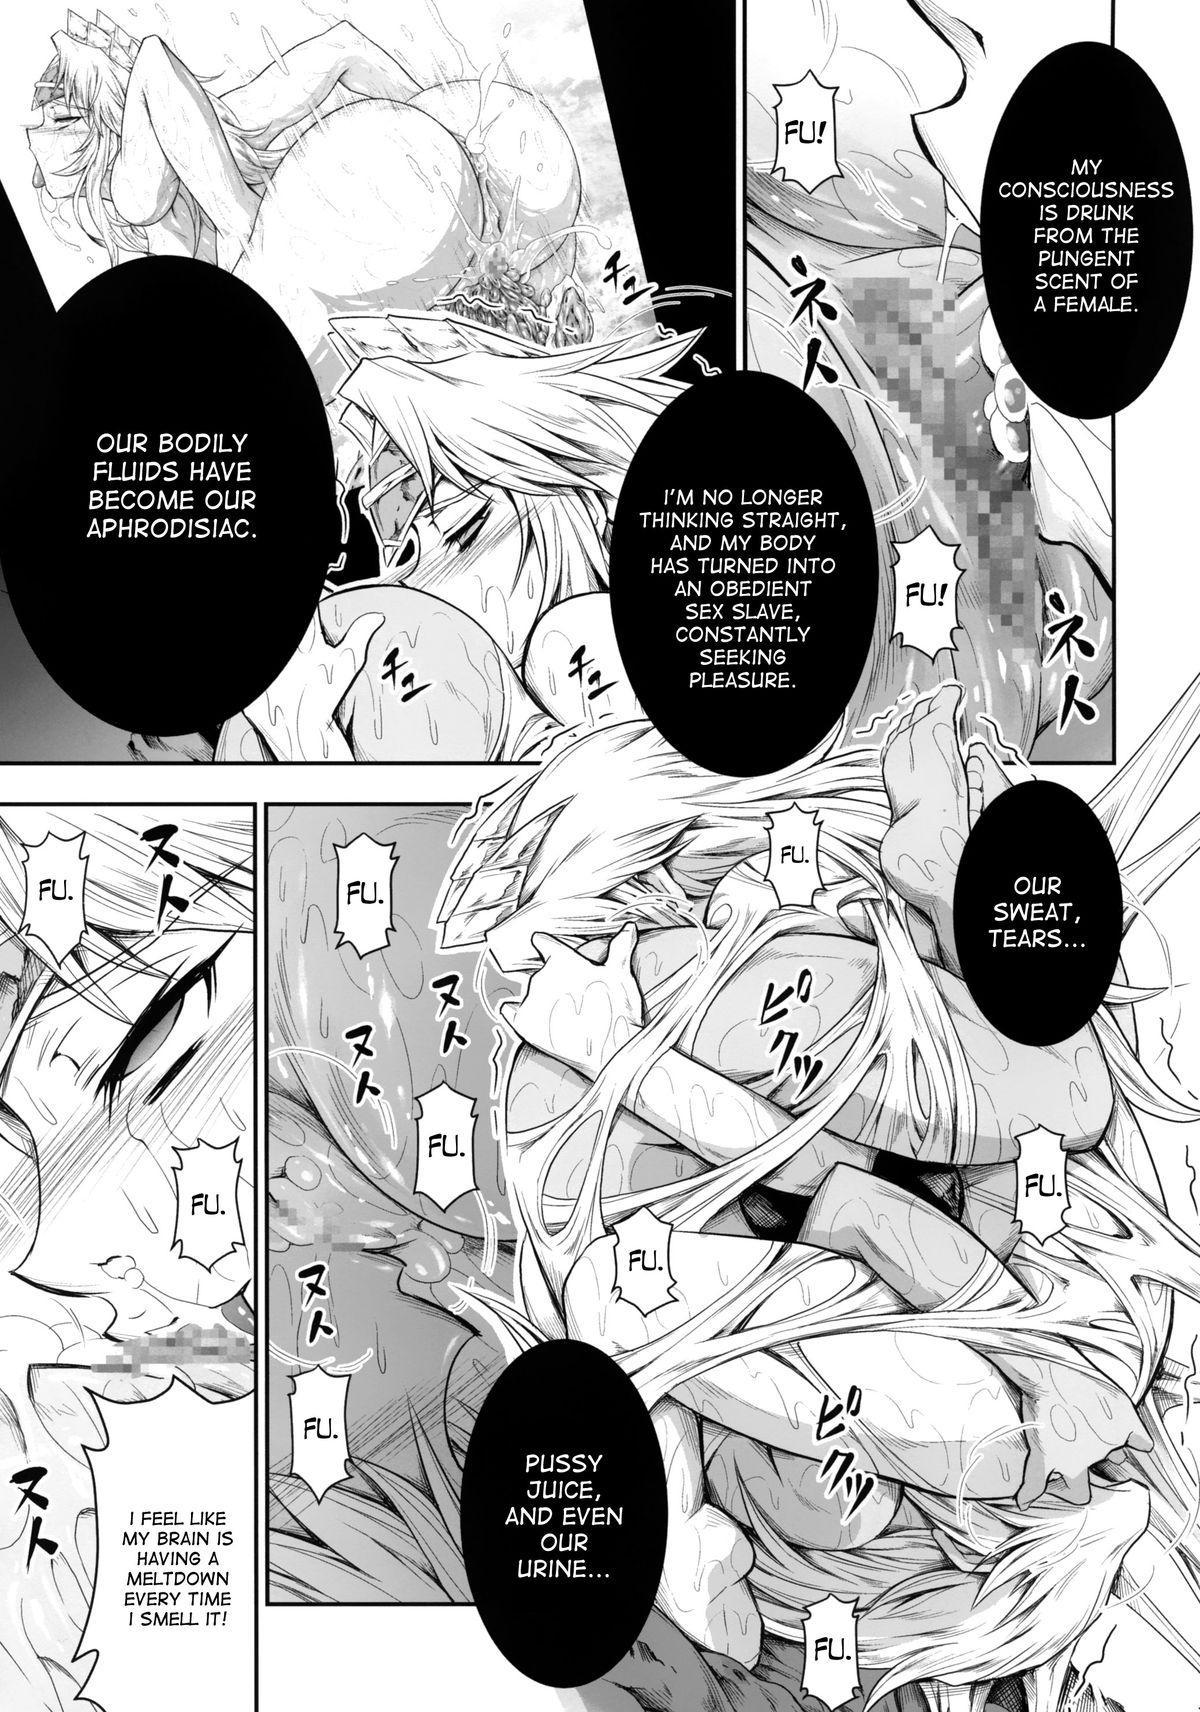 Solo Hunter no Seitai 4 The fourth part 3